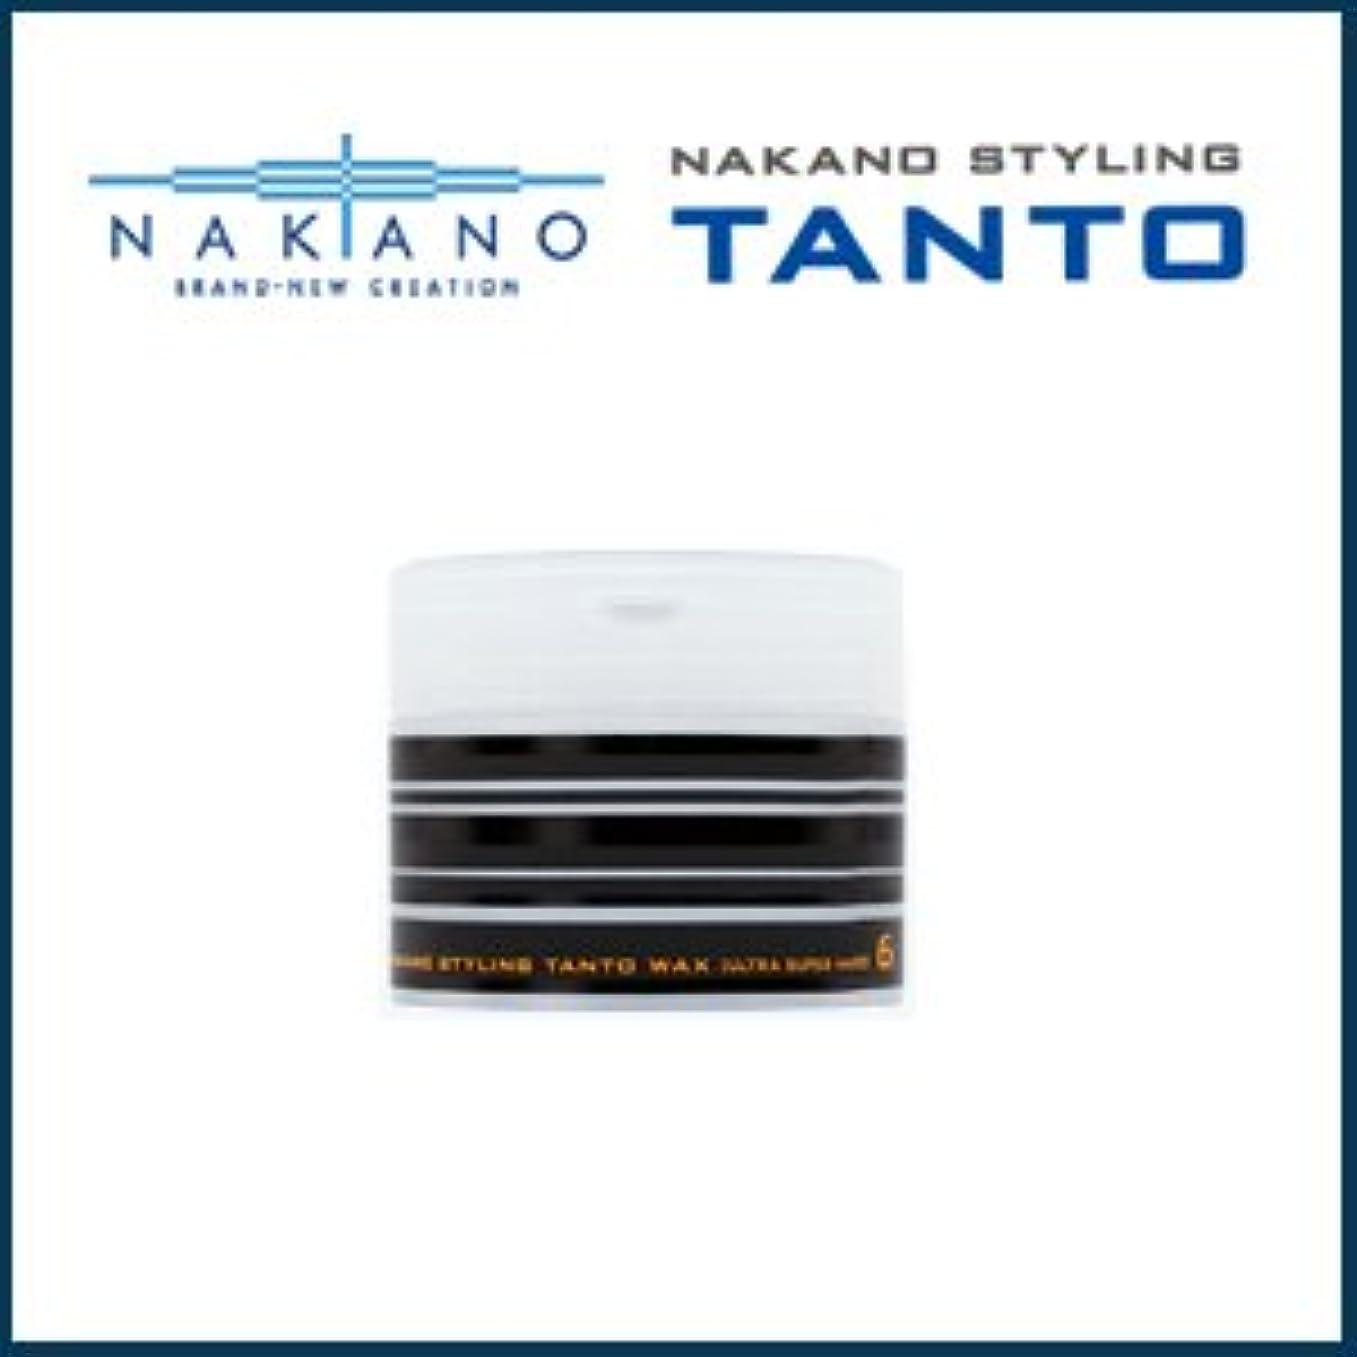 チャーム制限する前【X3個セット】 ナカノ タント Nワックス 6 ウルトラスーパーハード 90g 容器入り